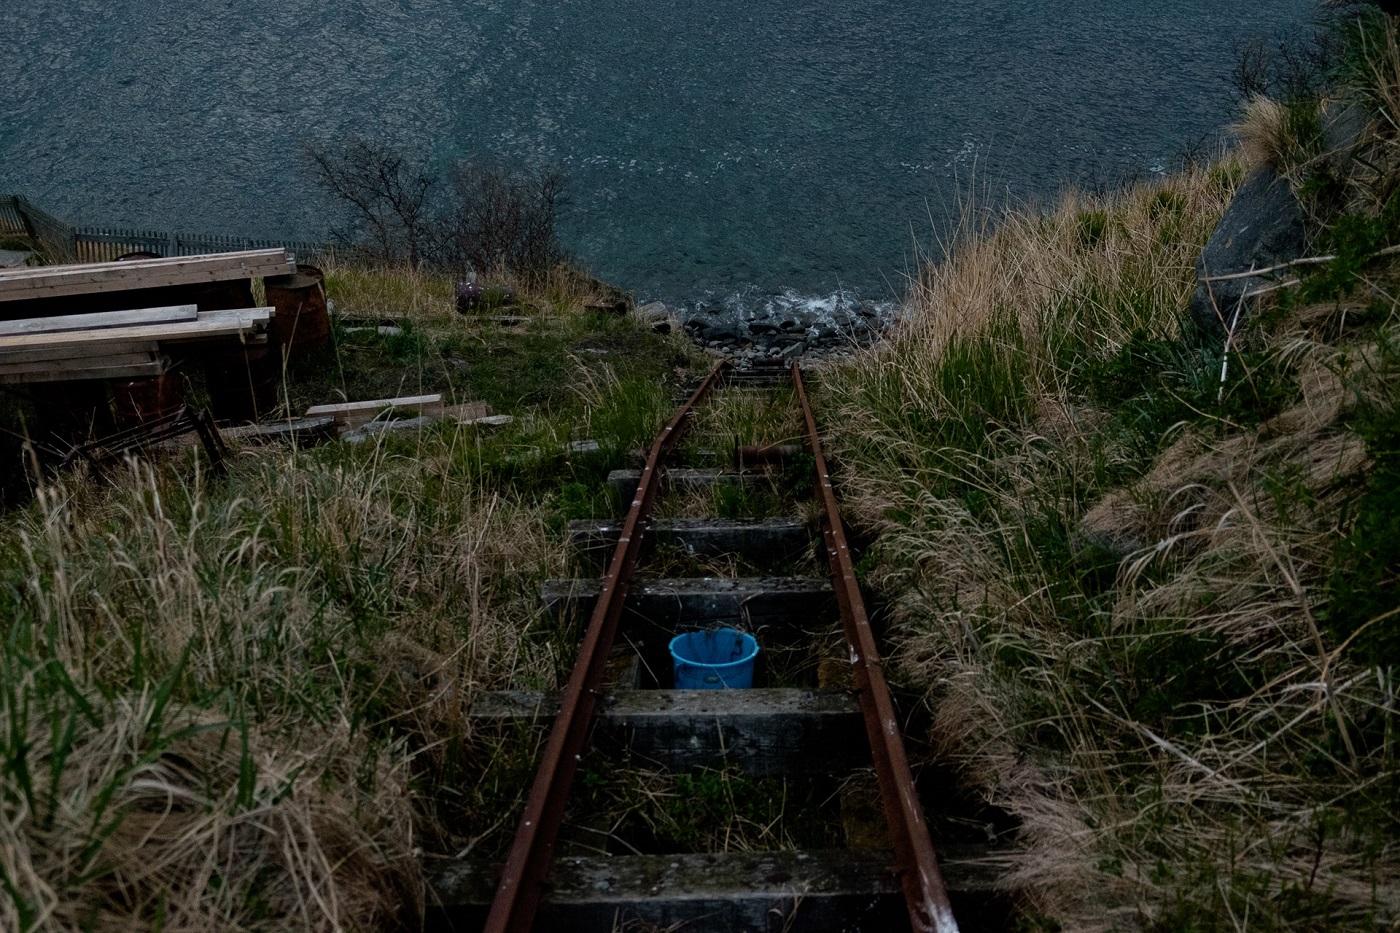 Um Lasten vom Ufer hinaufzuziehen, gibt es Schienen, einen Miniwaggon und einen Flaschenzug